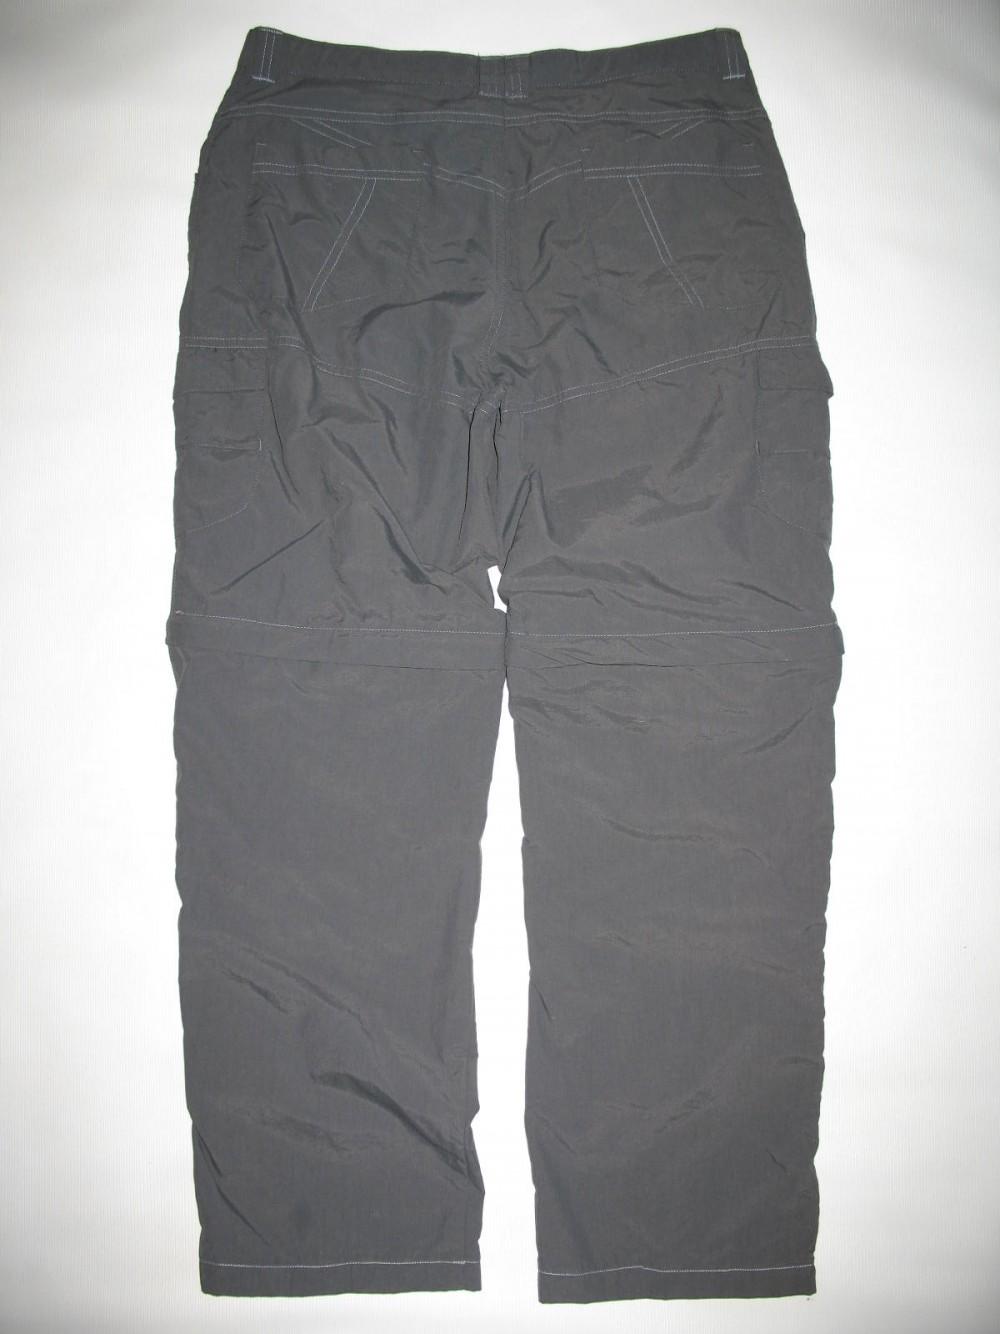 Штаны McKINLEY 2in1 pants lady (размер М) - 2